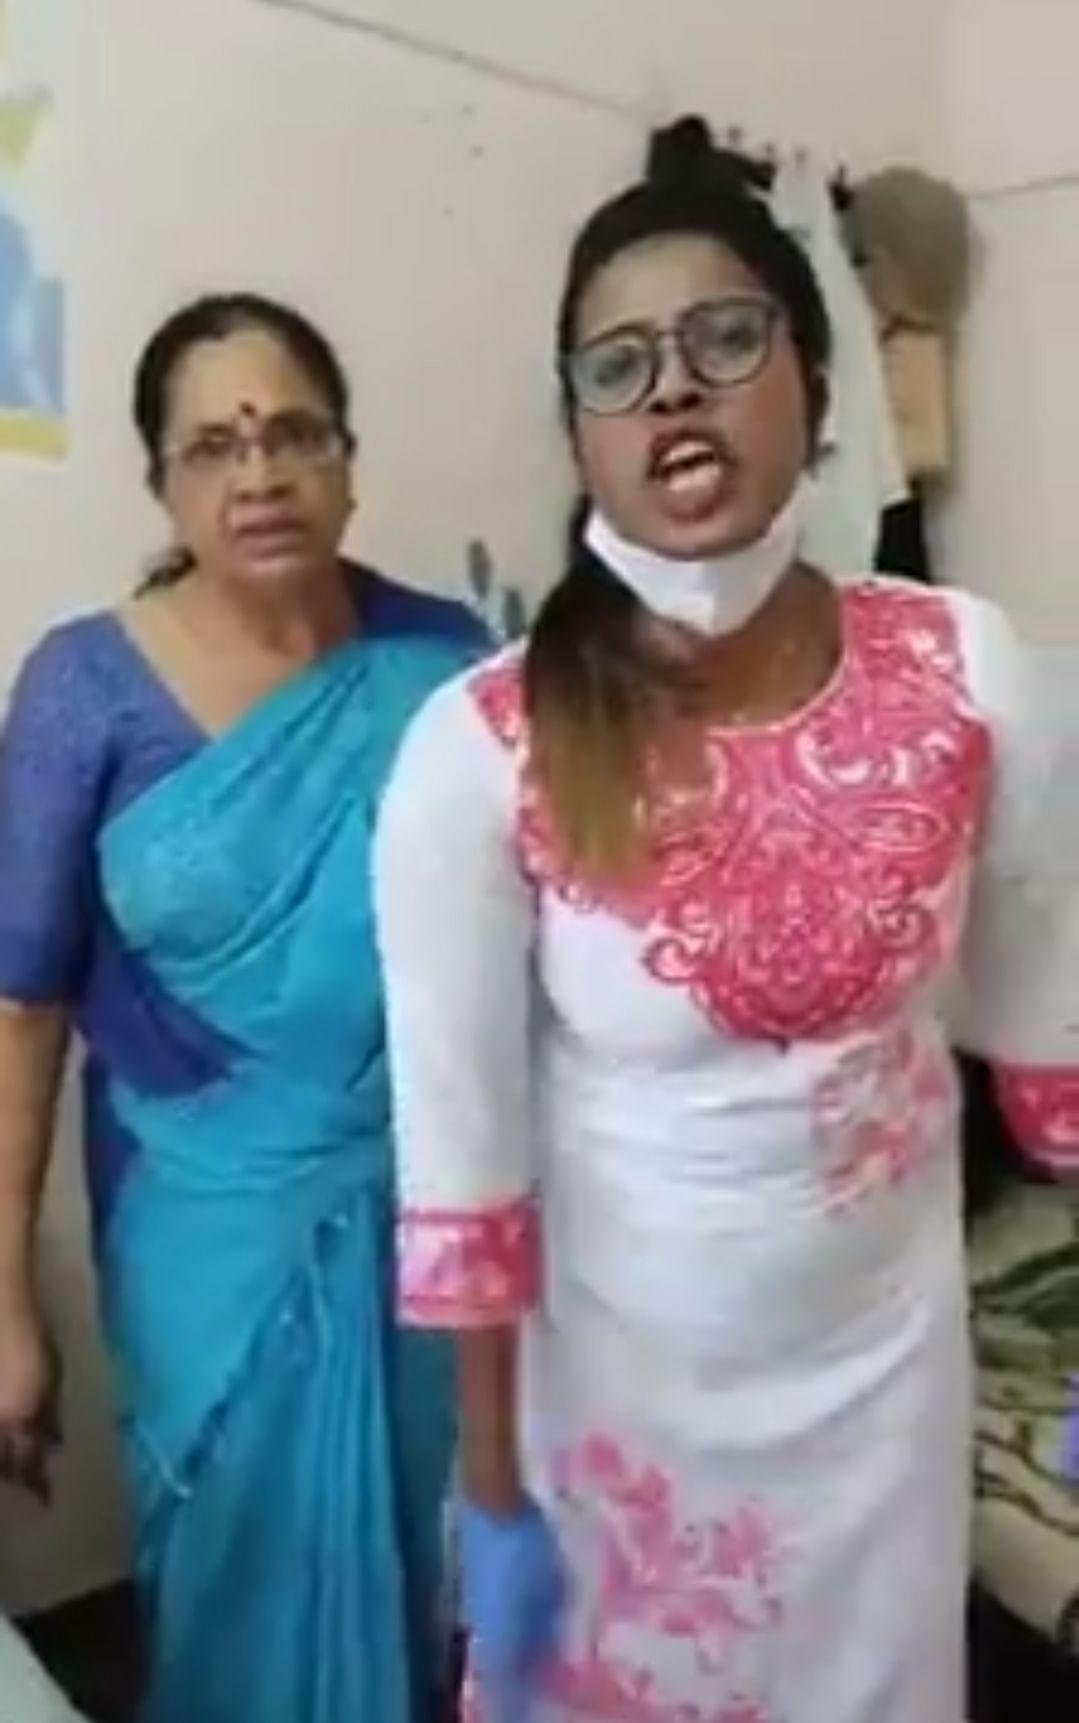 தாக்கிவிட்டு ஆவேசமாகப் பேசும் பெண்கள்